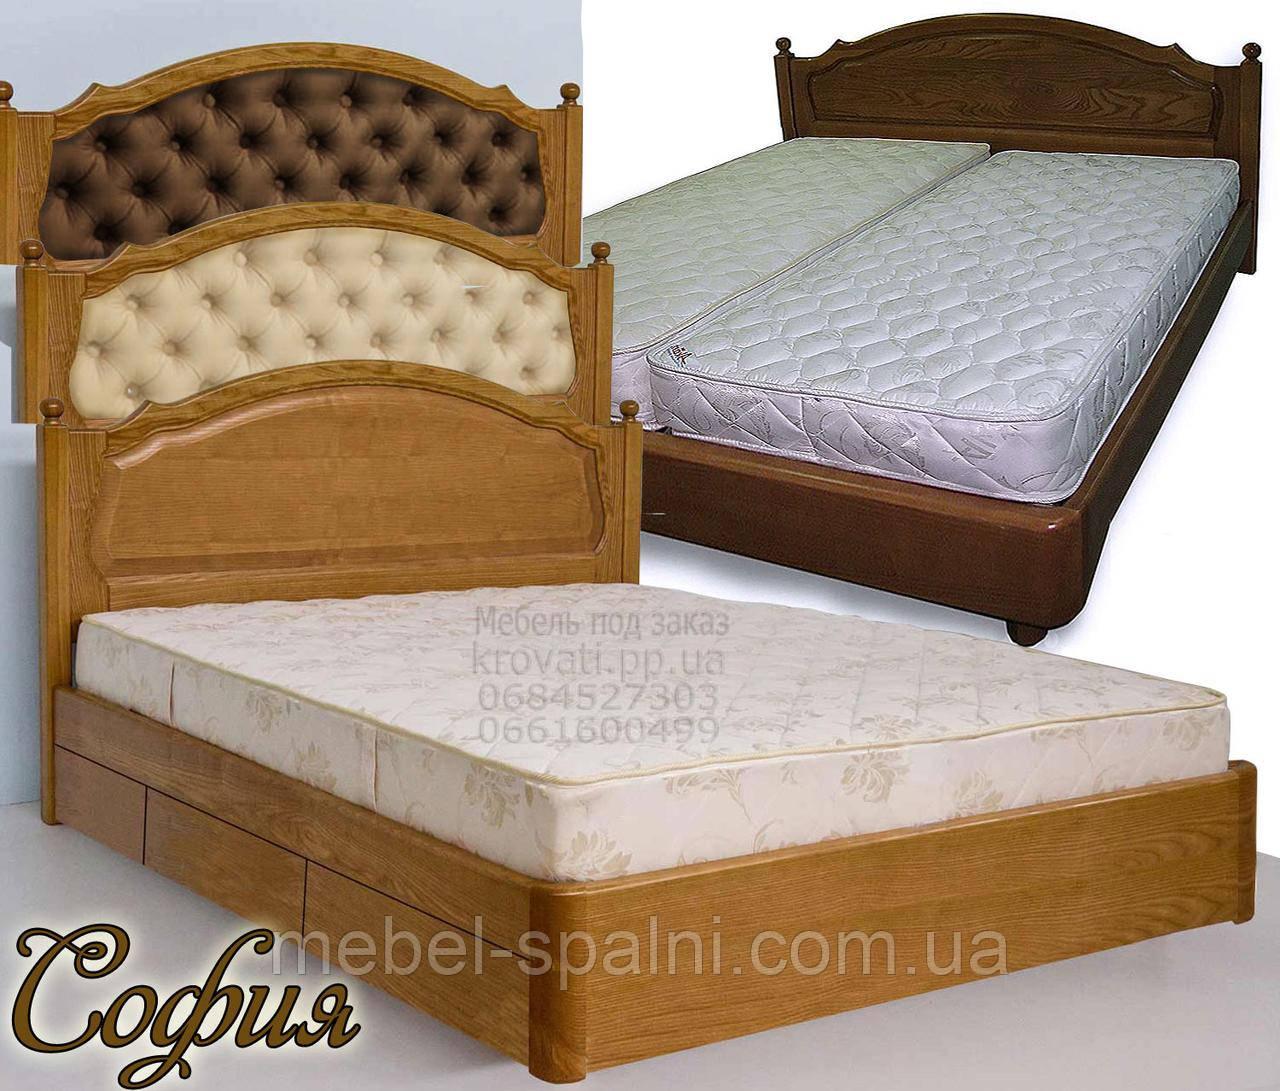 Ліжко з ящиками «Софія»